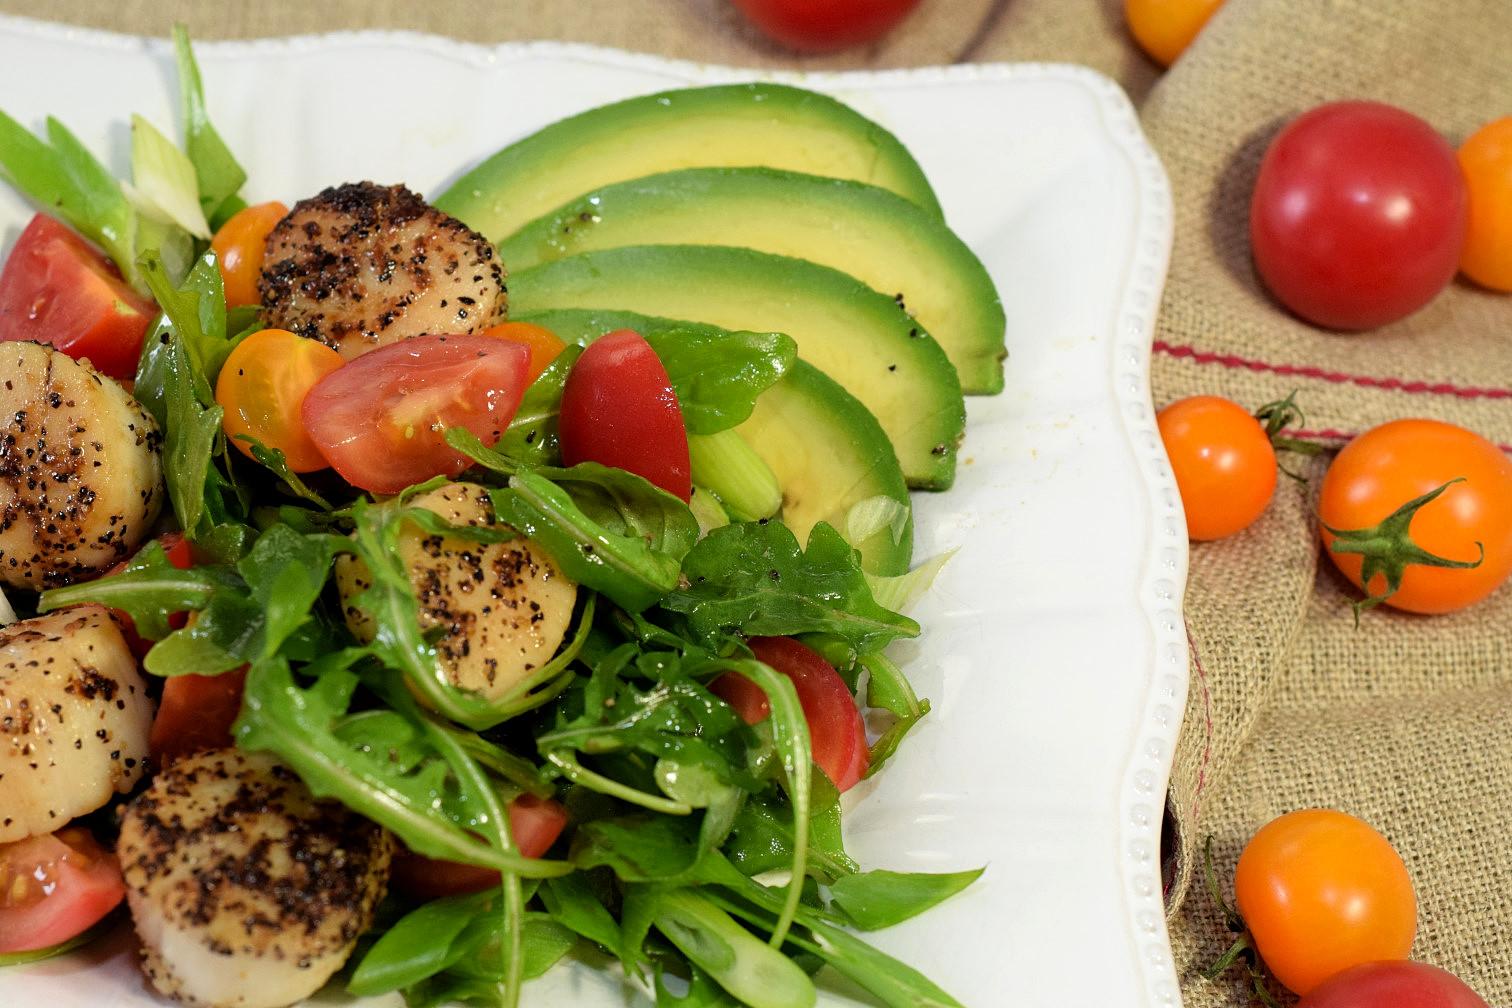 seared scallops-avocado-tomato salad